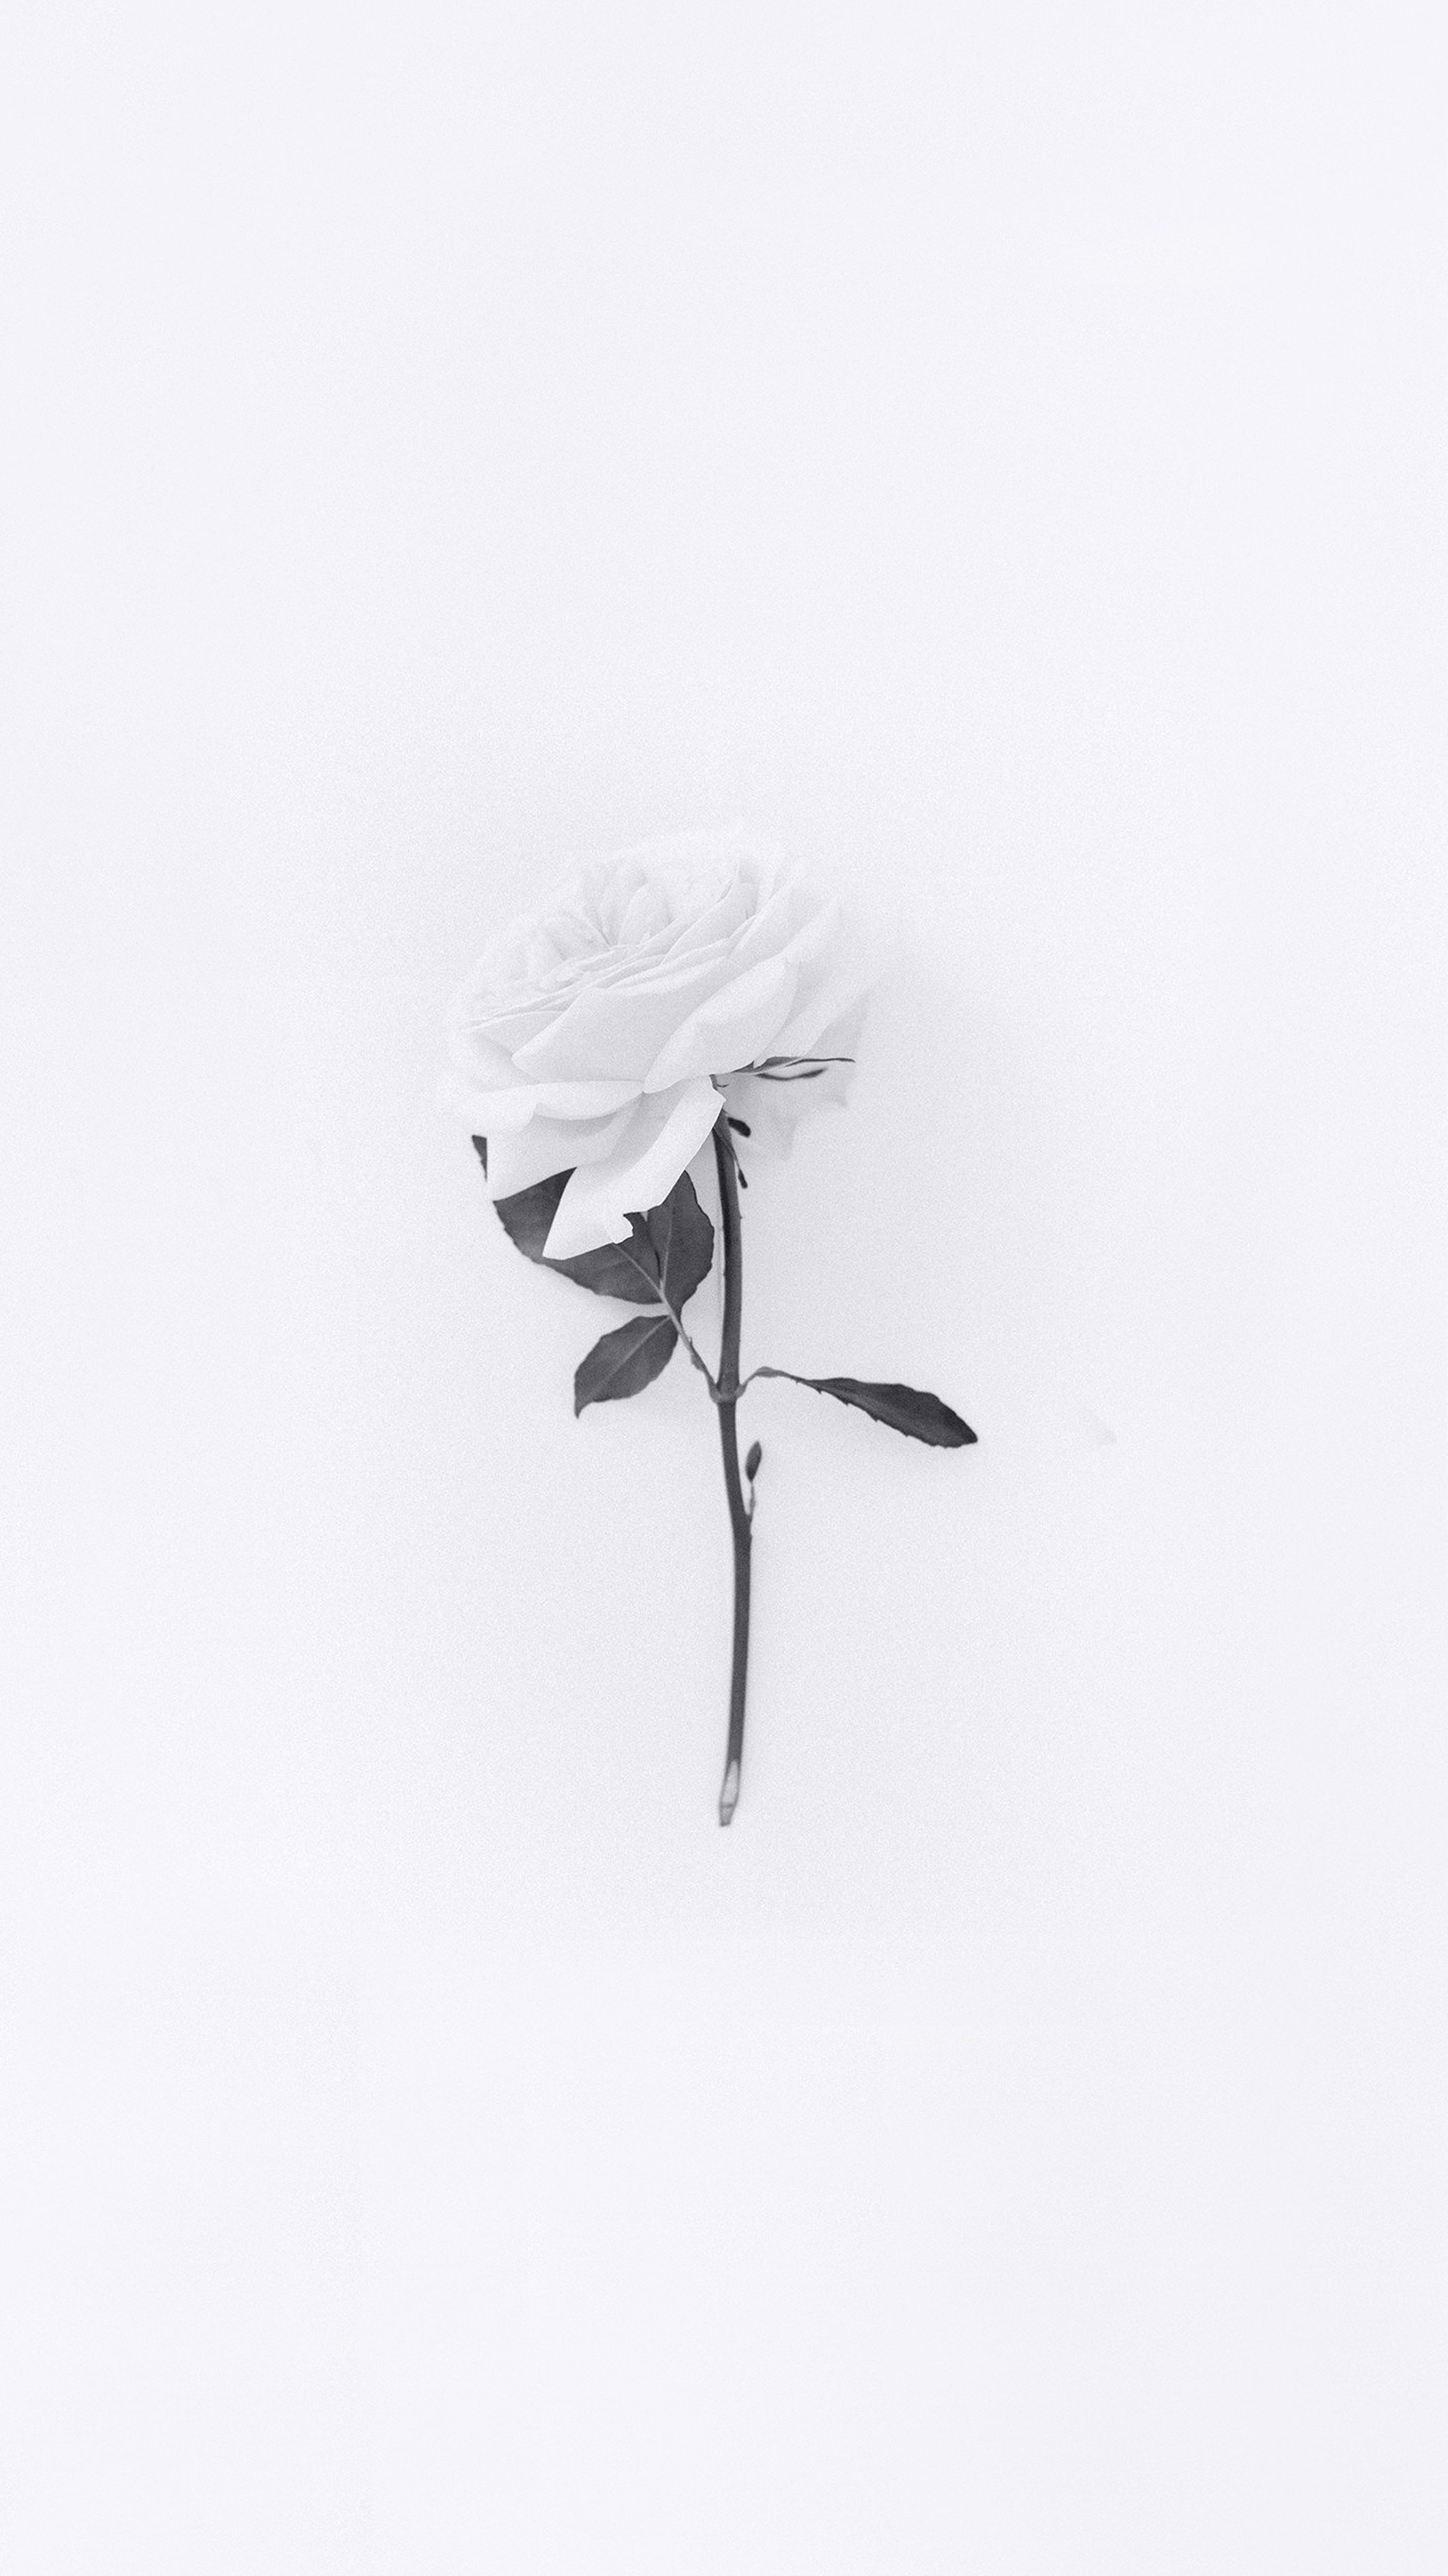 White Rose Wallpaper White Wallpaper For Iphone White Iphone Background White Roses Wallpaper Iphone black and white roses wallpaper